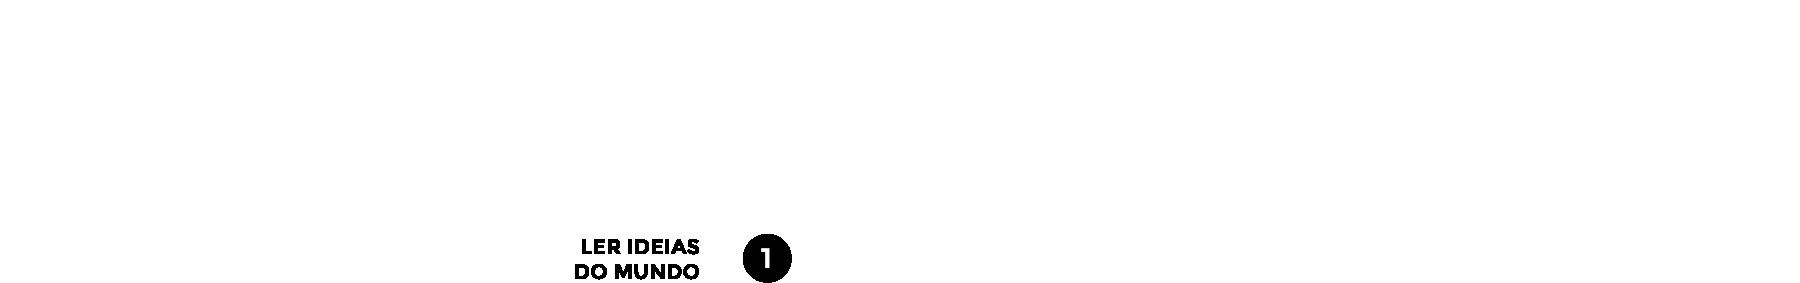 header-home-schrift-animation6